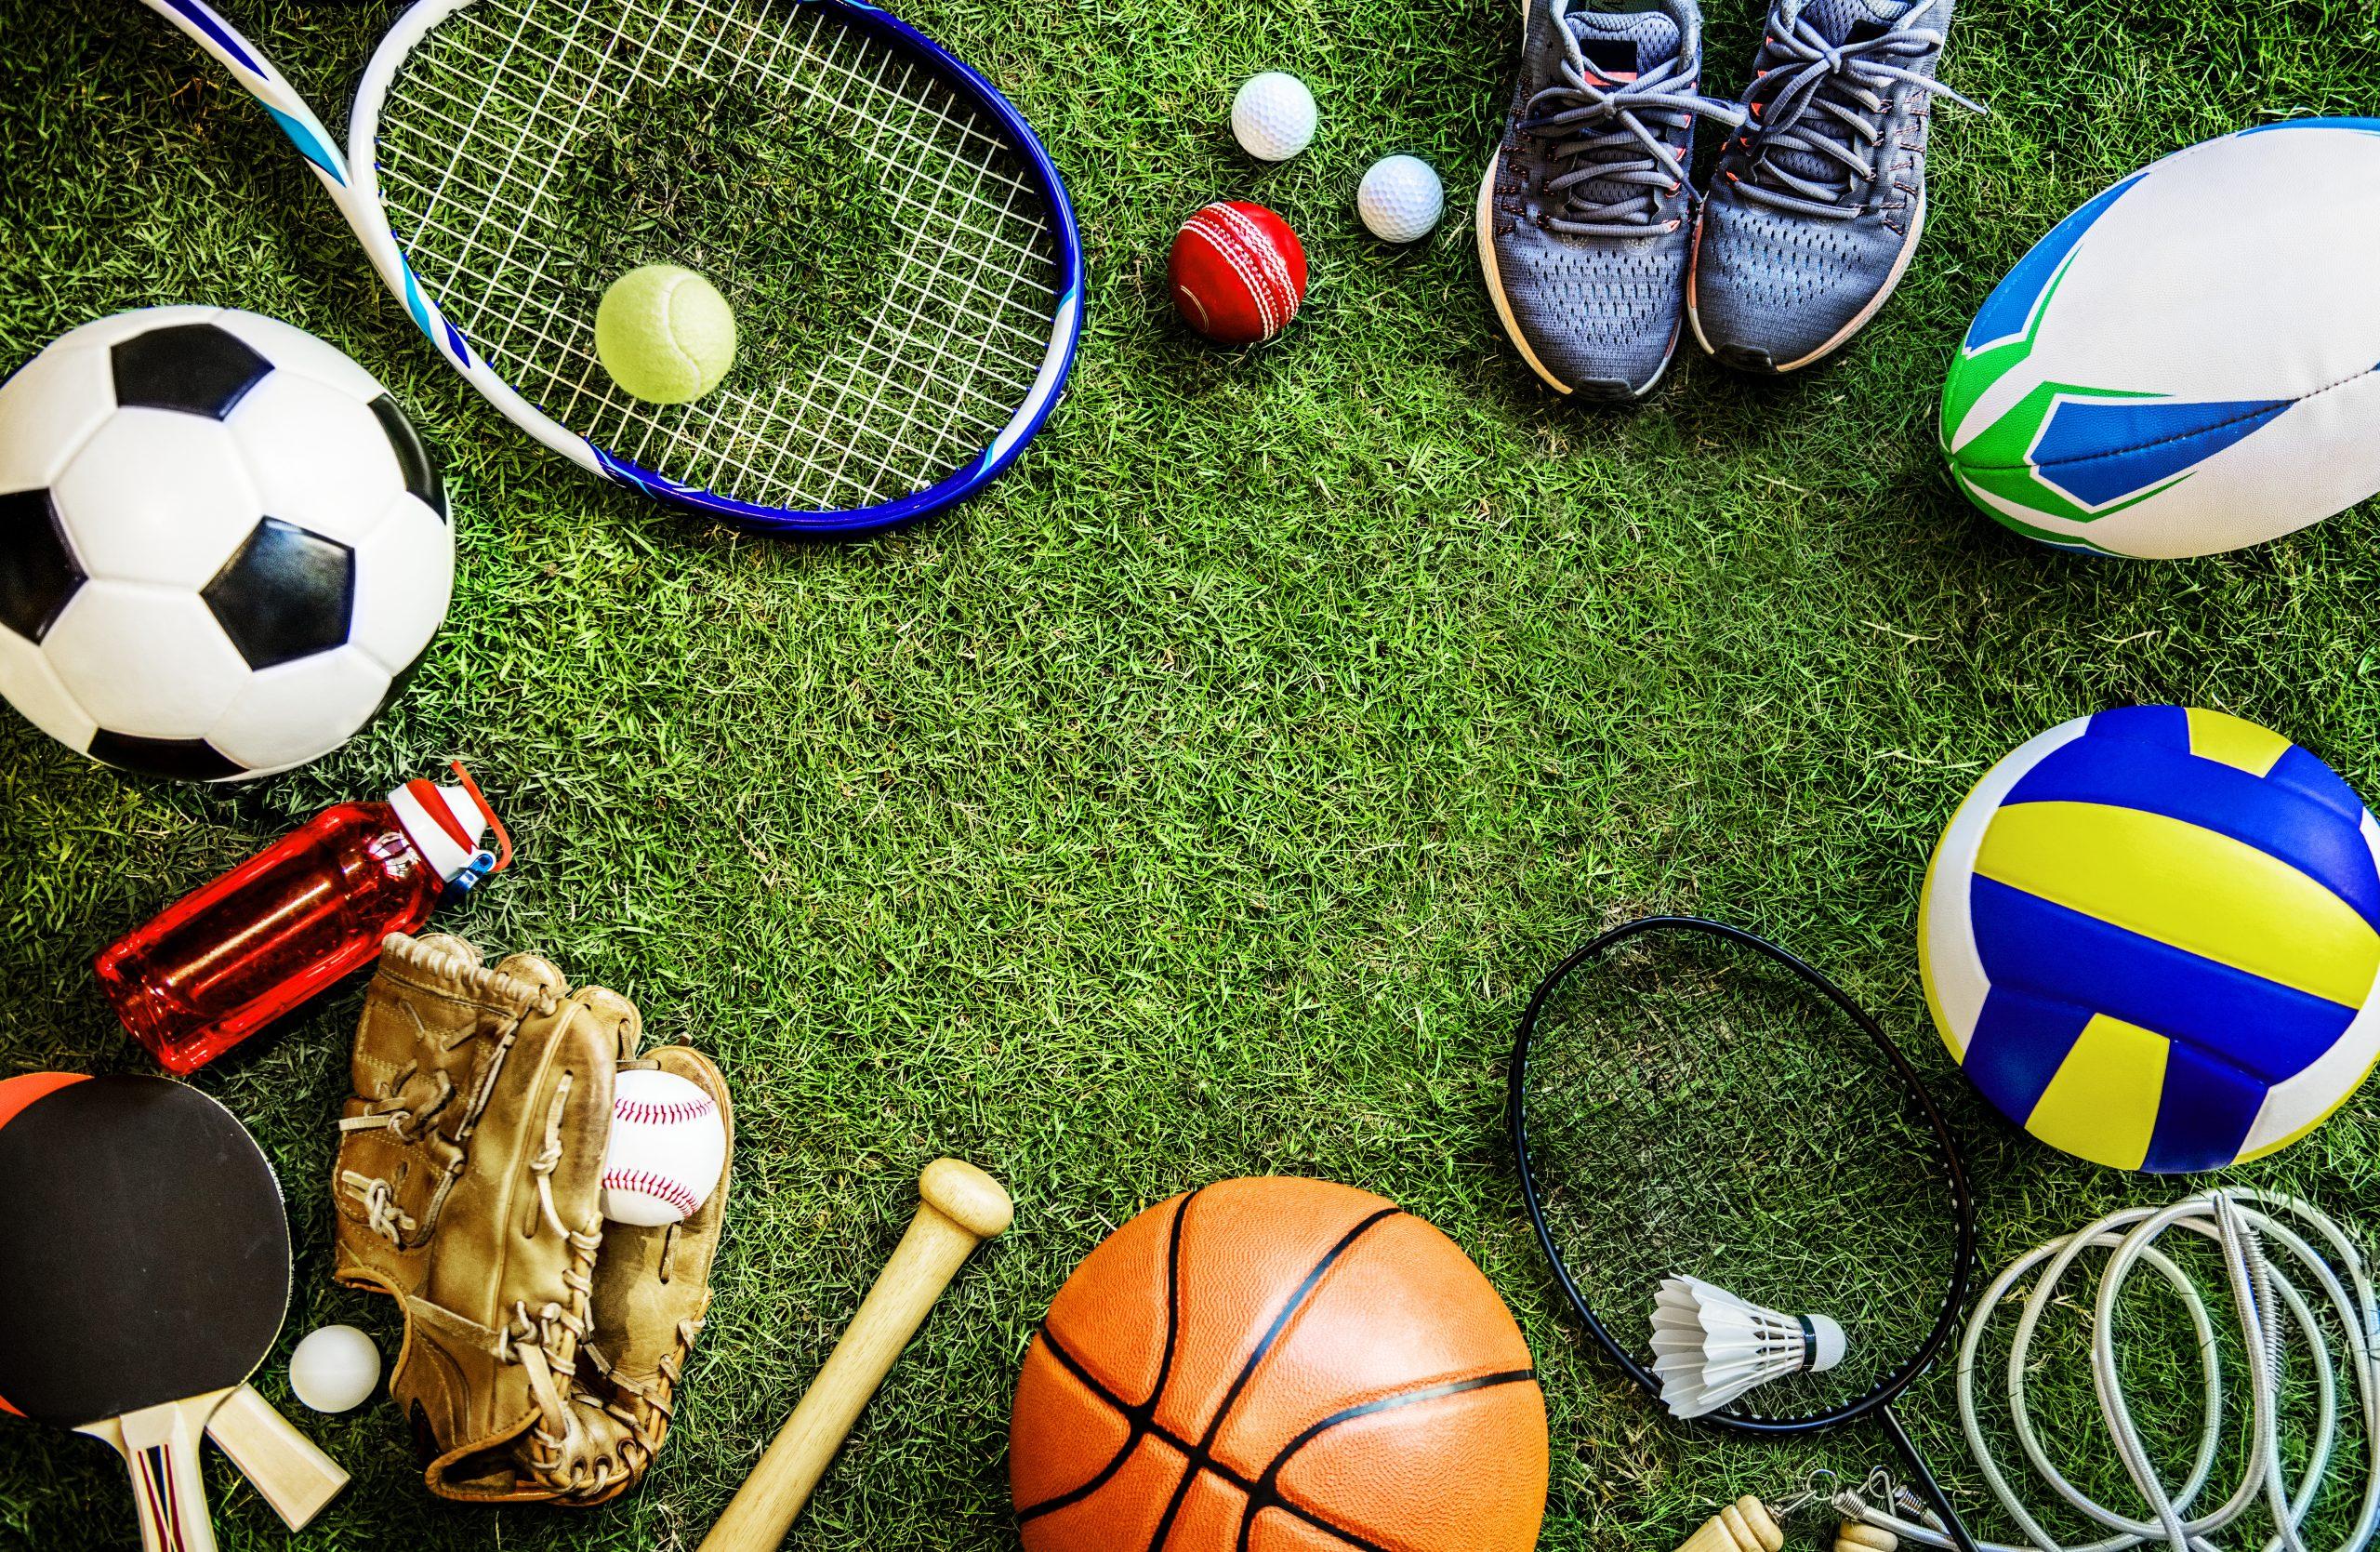 M3 – Enseignement d'habiletés sportives aux personnes avec autisme